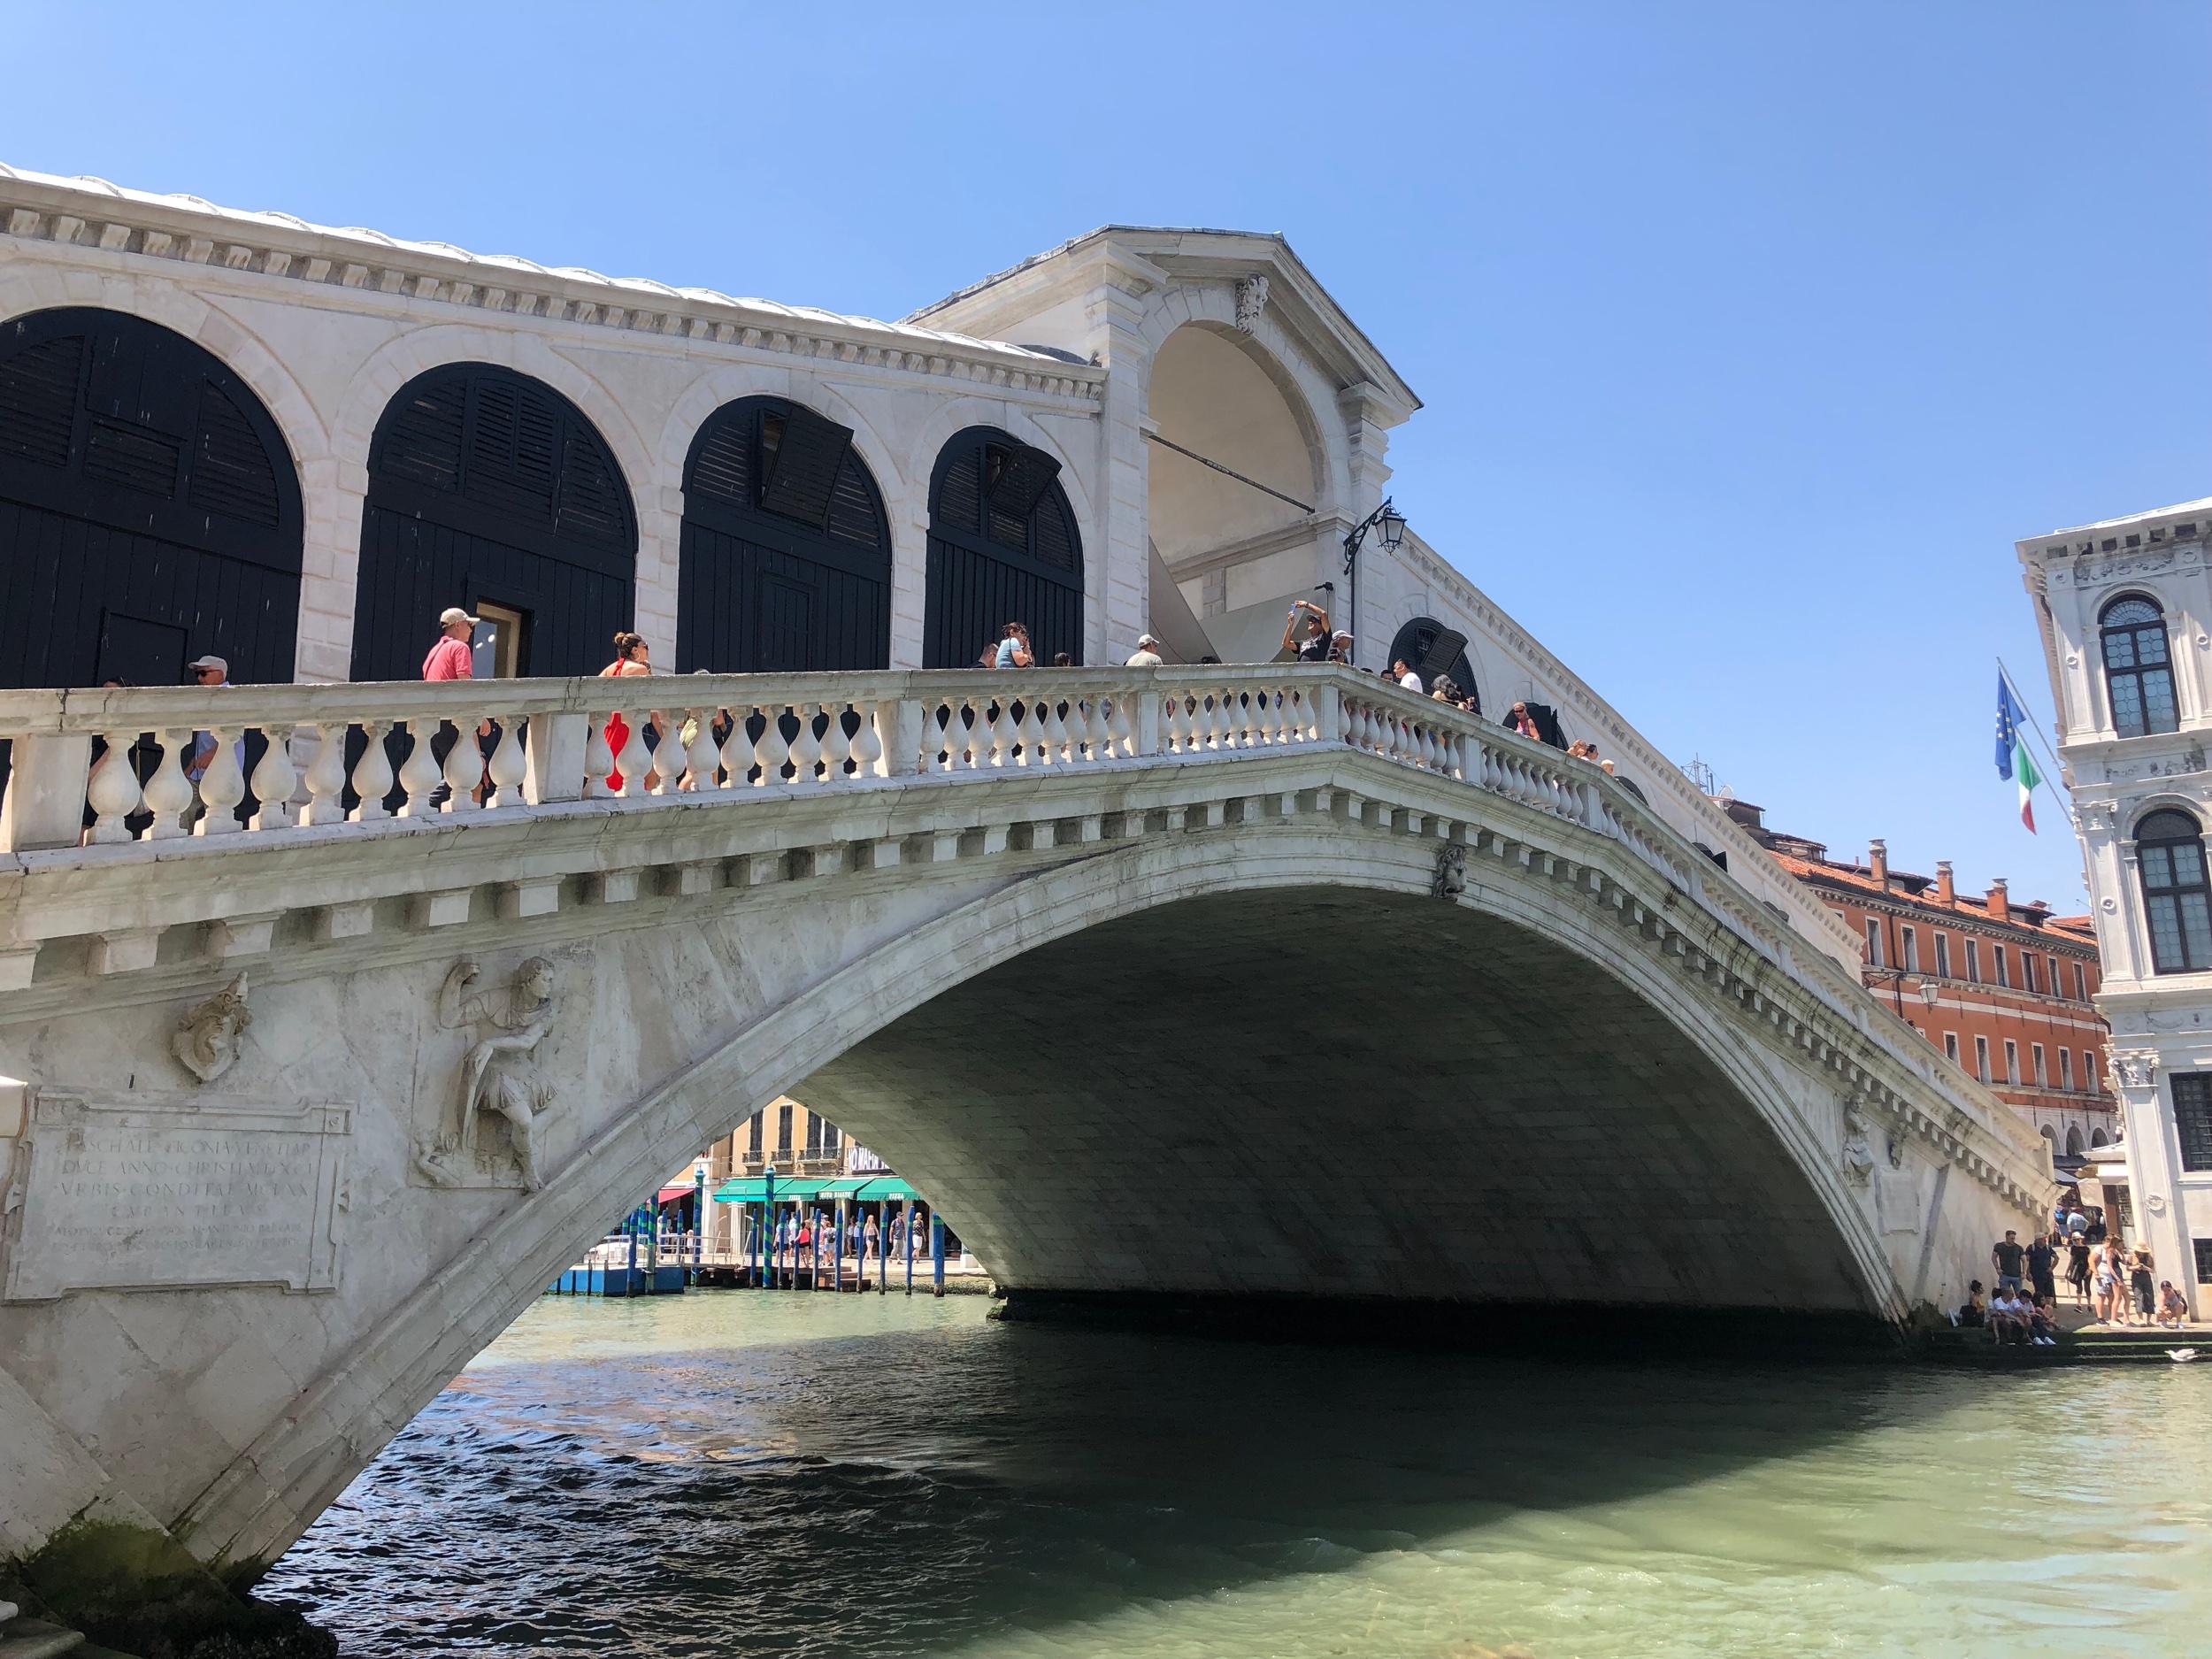 Our elusive Rialto Bridge